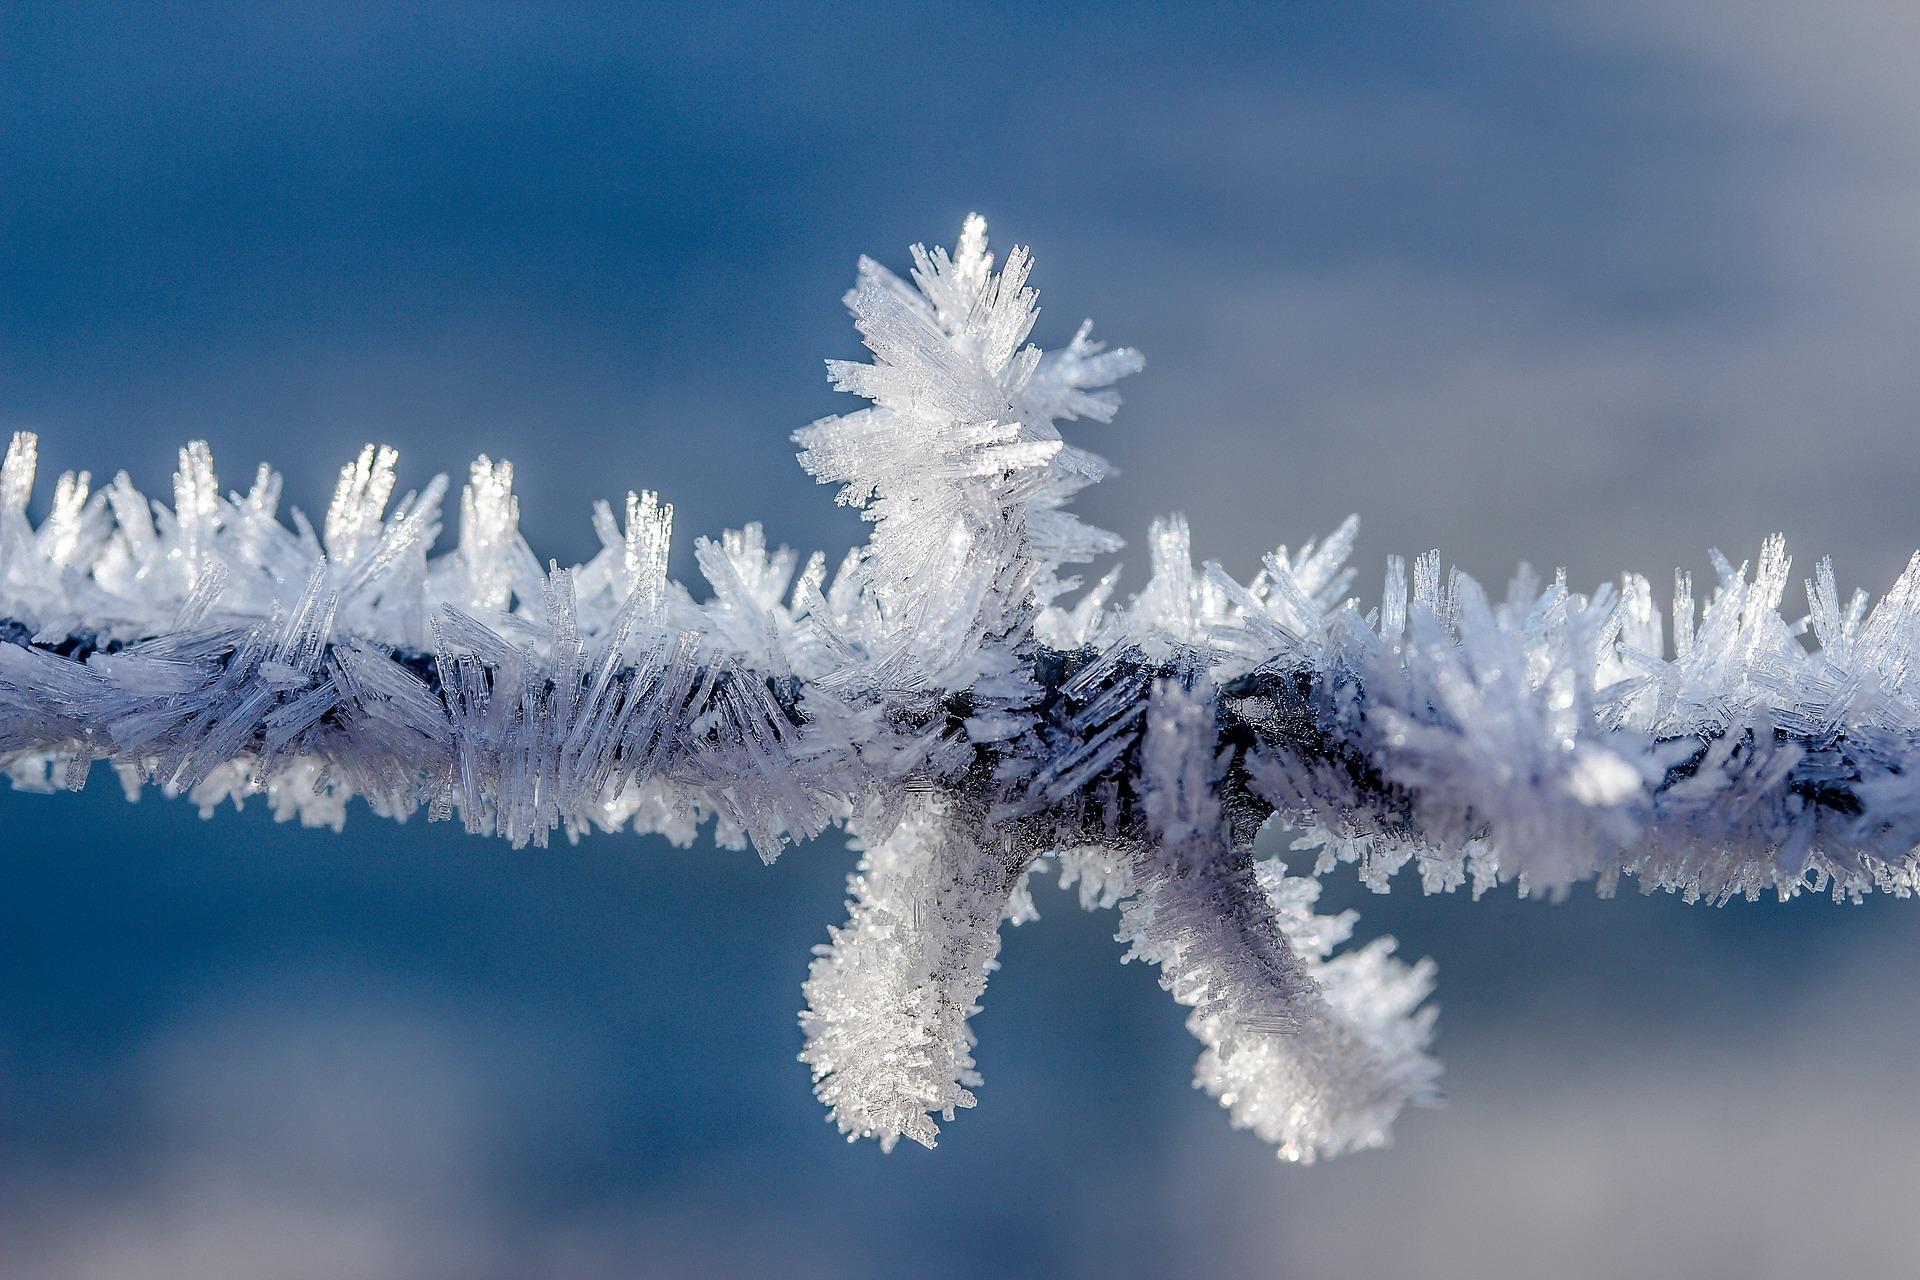 bautrocknung-im-winter-bautrockner-duregger-mieten-muenchen-verleih-trocknungsgeraete-heizgeraete-vermietung-deutschland-oesterreich-minusgrade